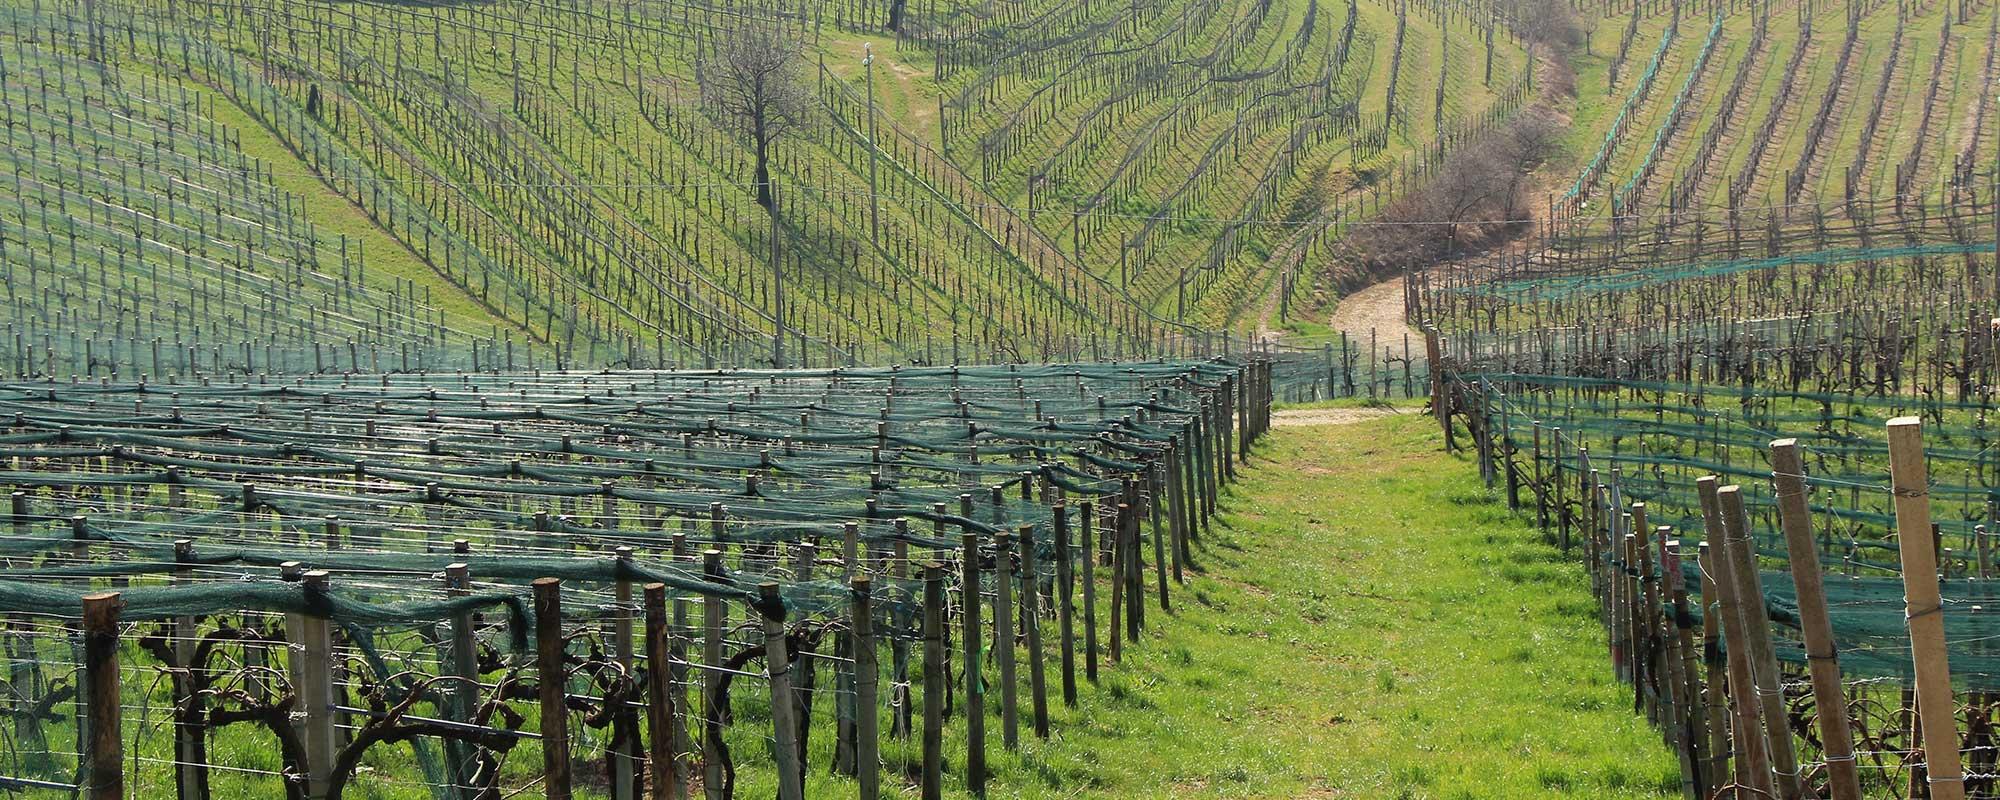 prosecco-printemps-vignes